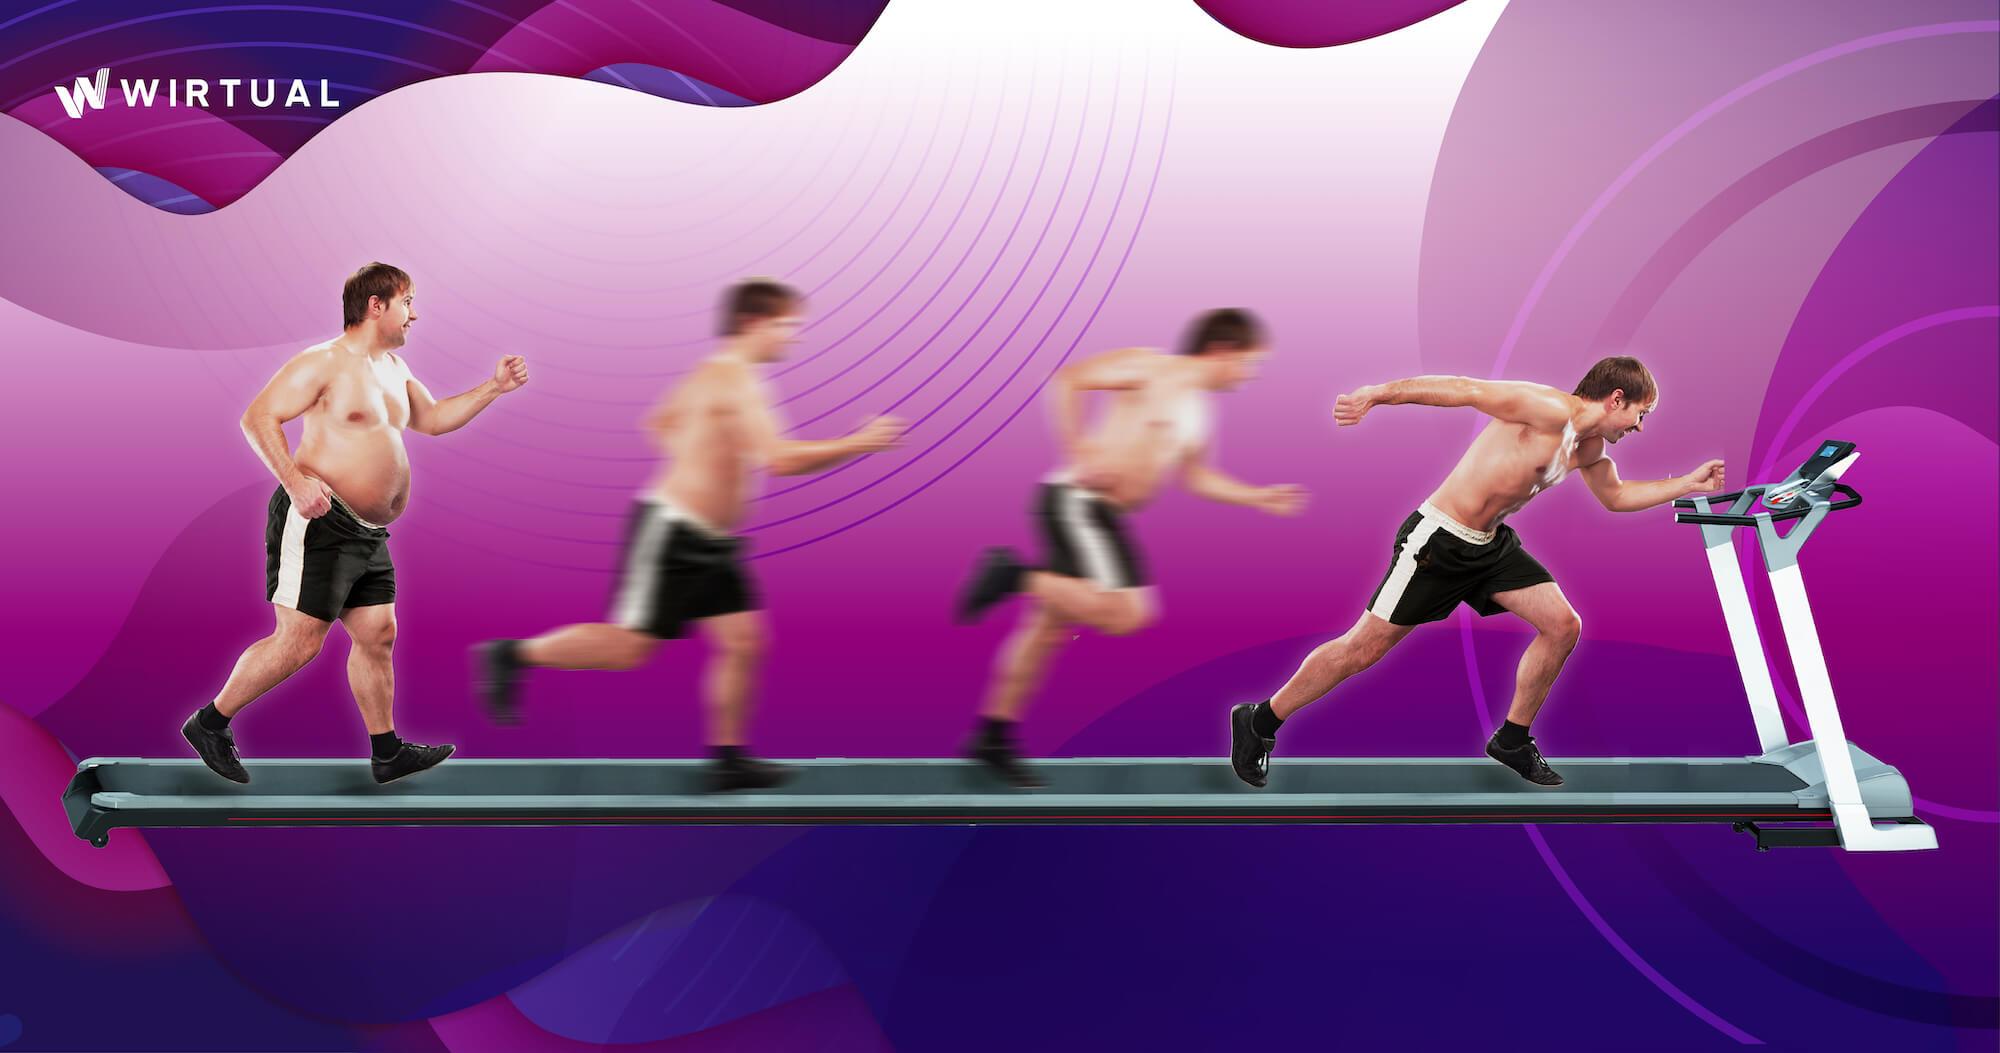 7 วิธีวิ่งของคนอ้วนที่ต้องการลดน้ำหนักแบบเห็นผล